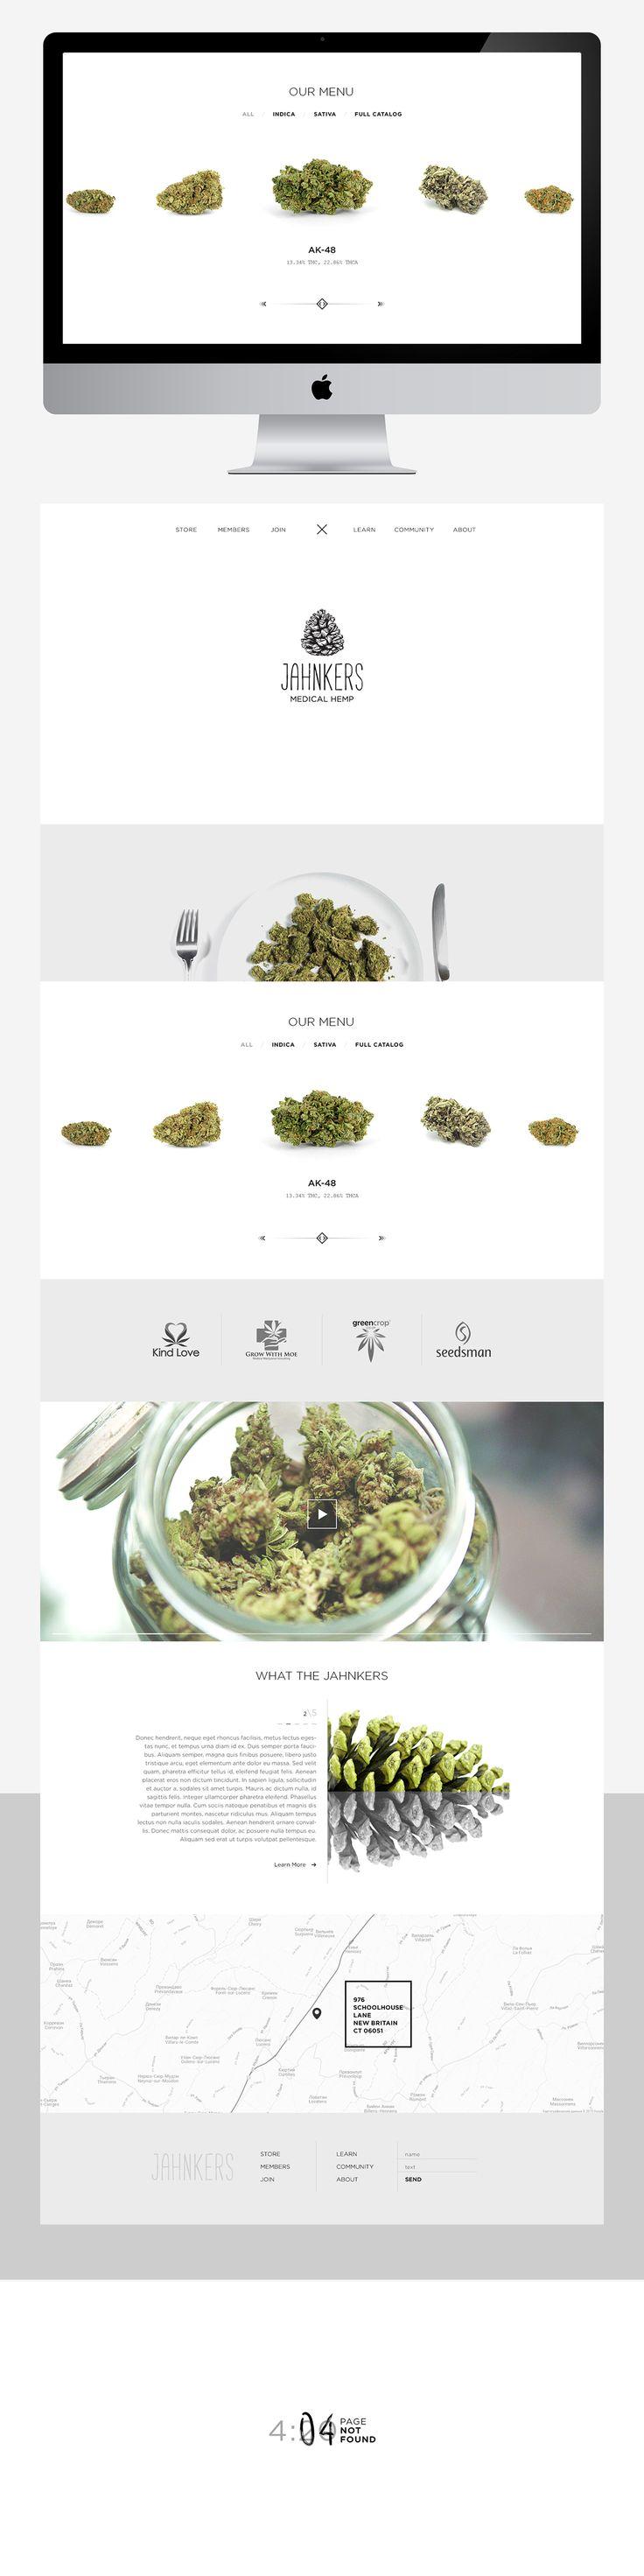 The company sells medical marijuana.